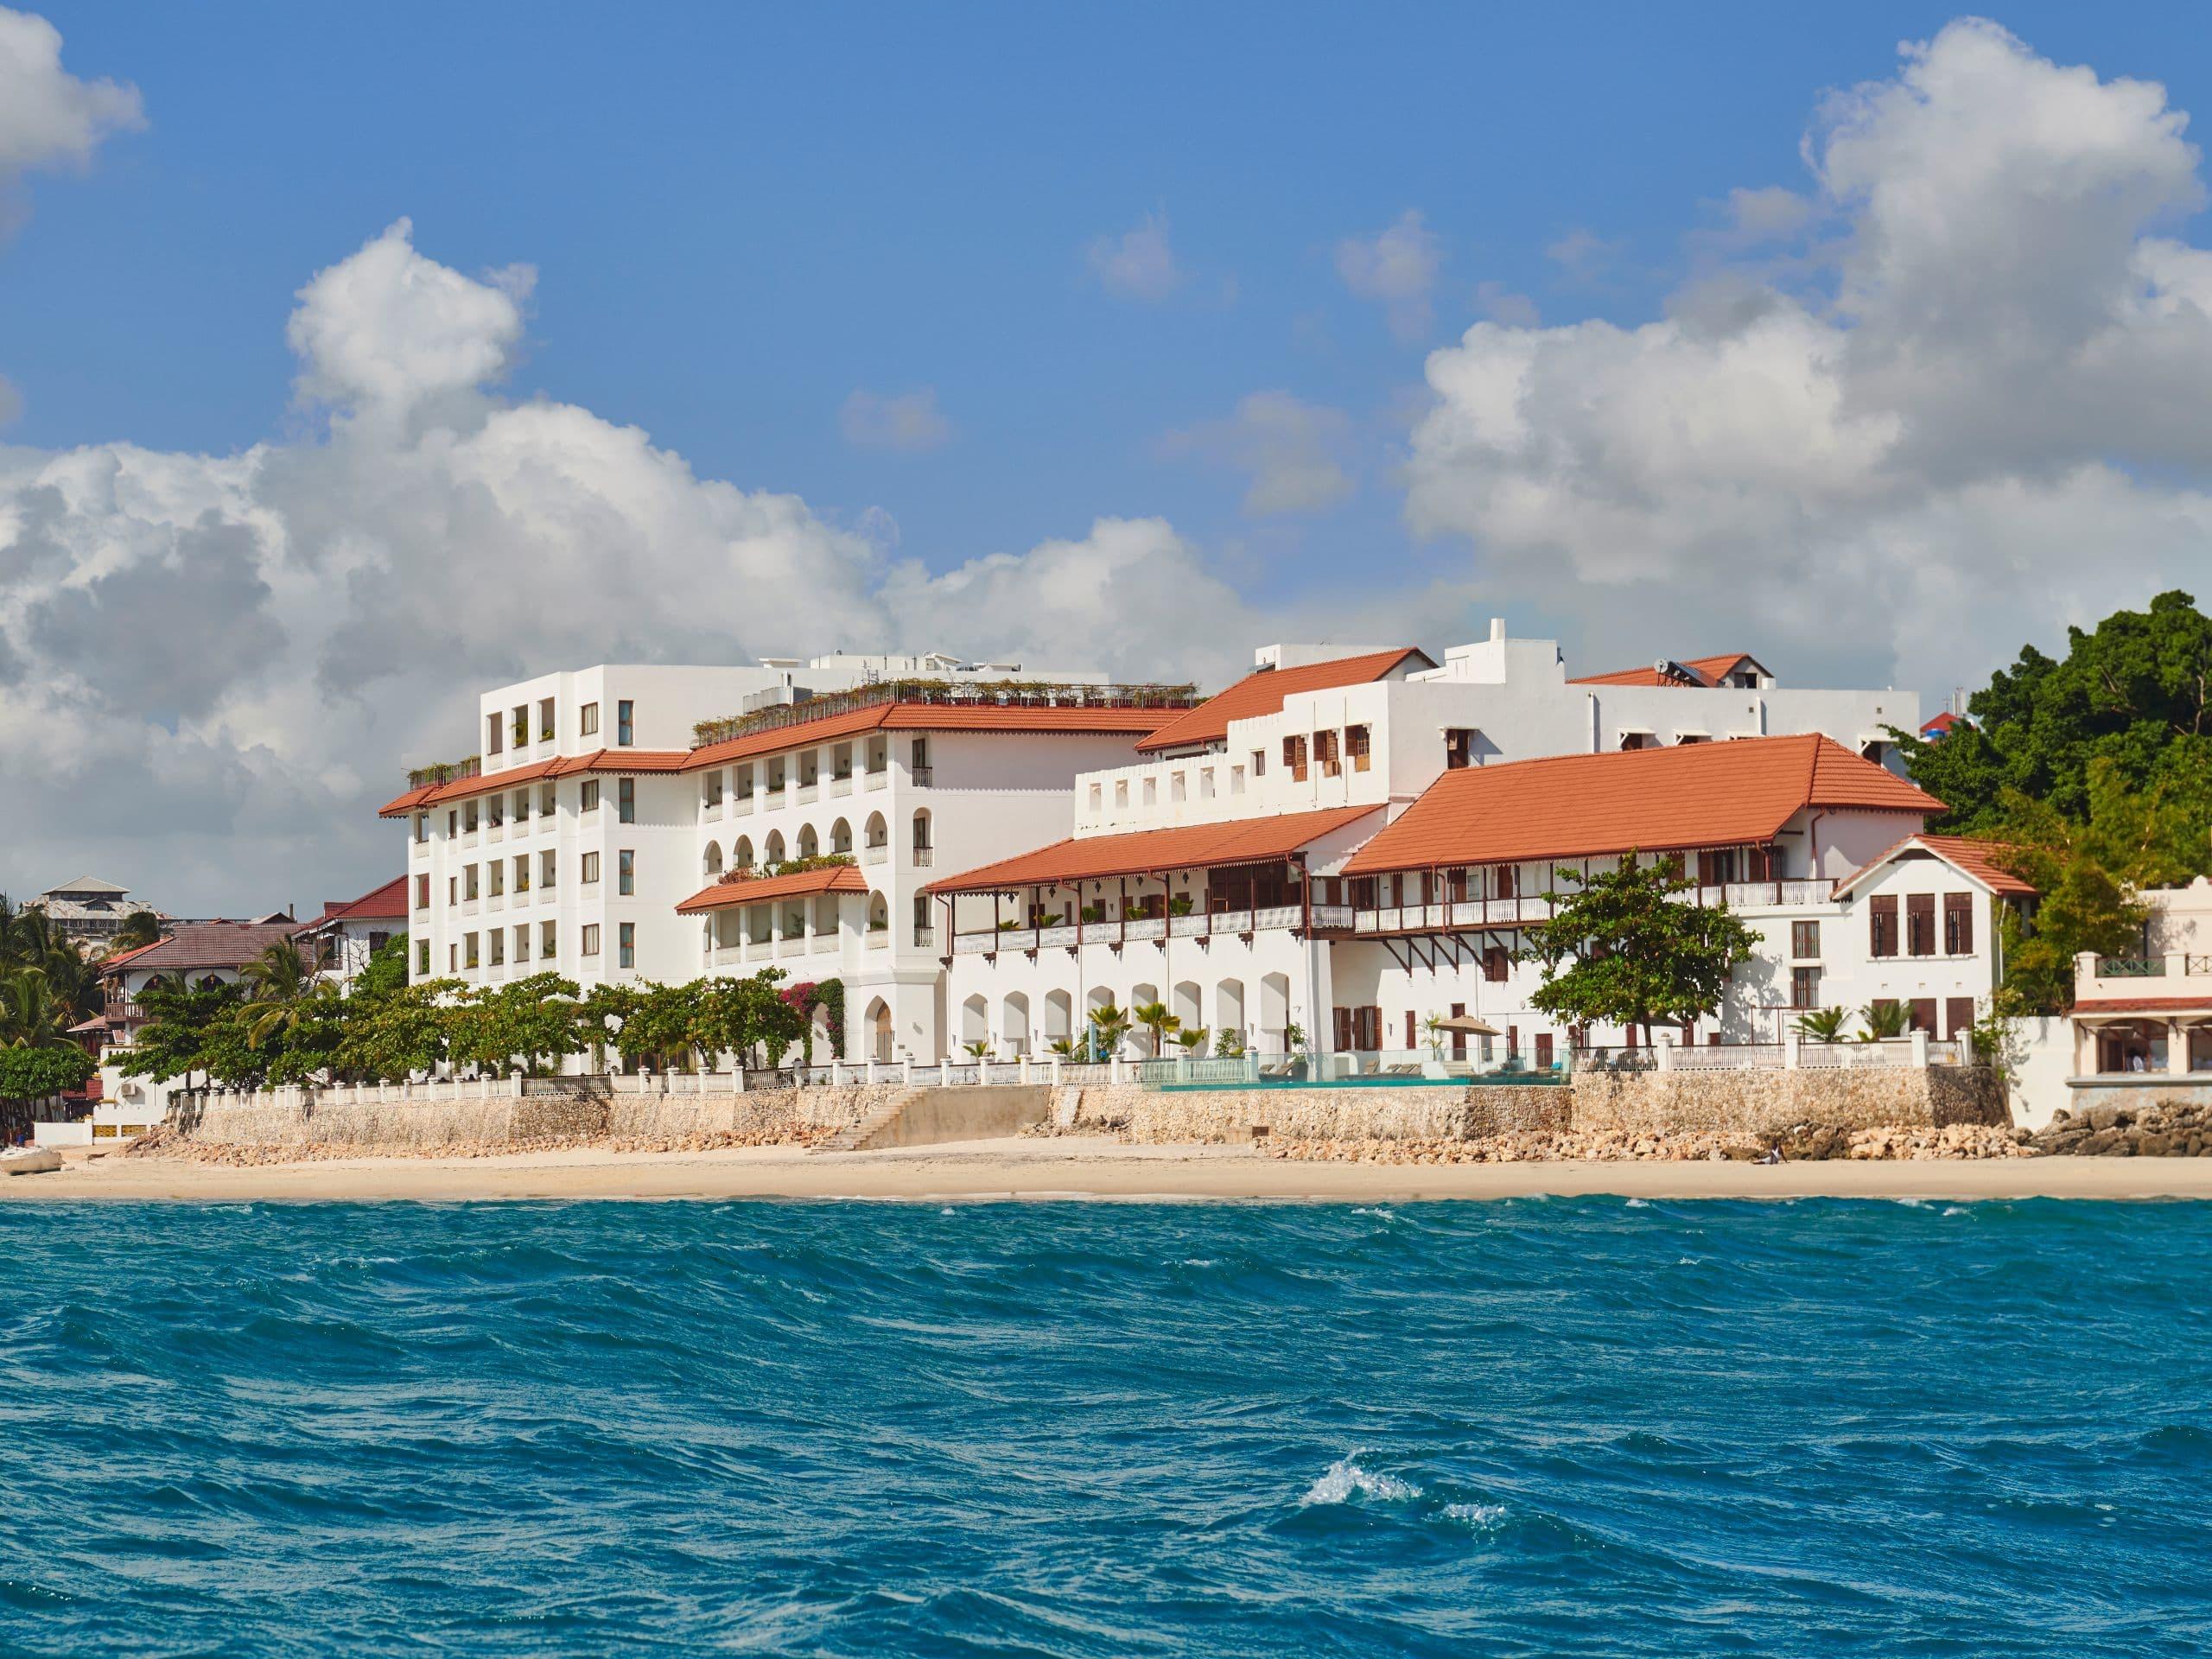 家族で滞在したいハイアットのカテゴリ4以下のホテル(パークハイアット、アンダーズ、グランドハイアット)